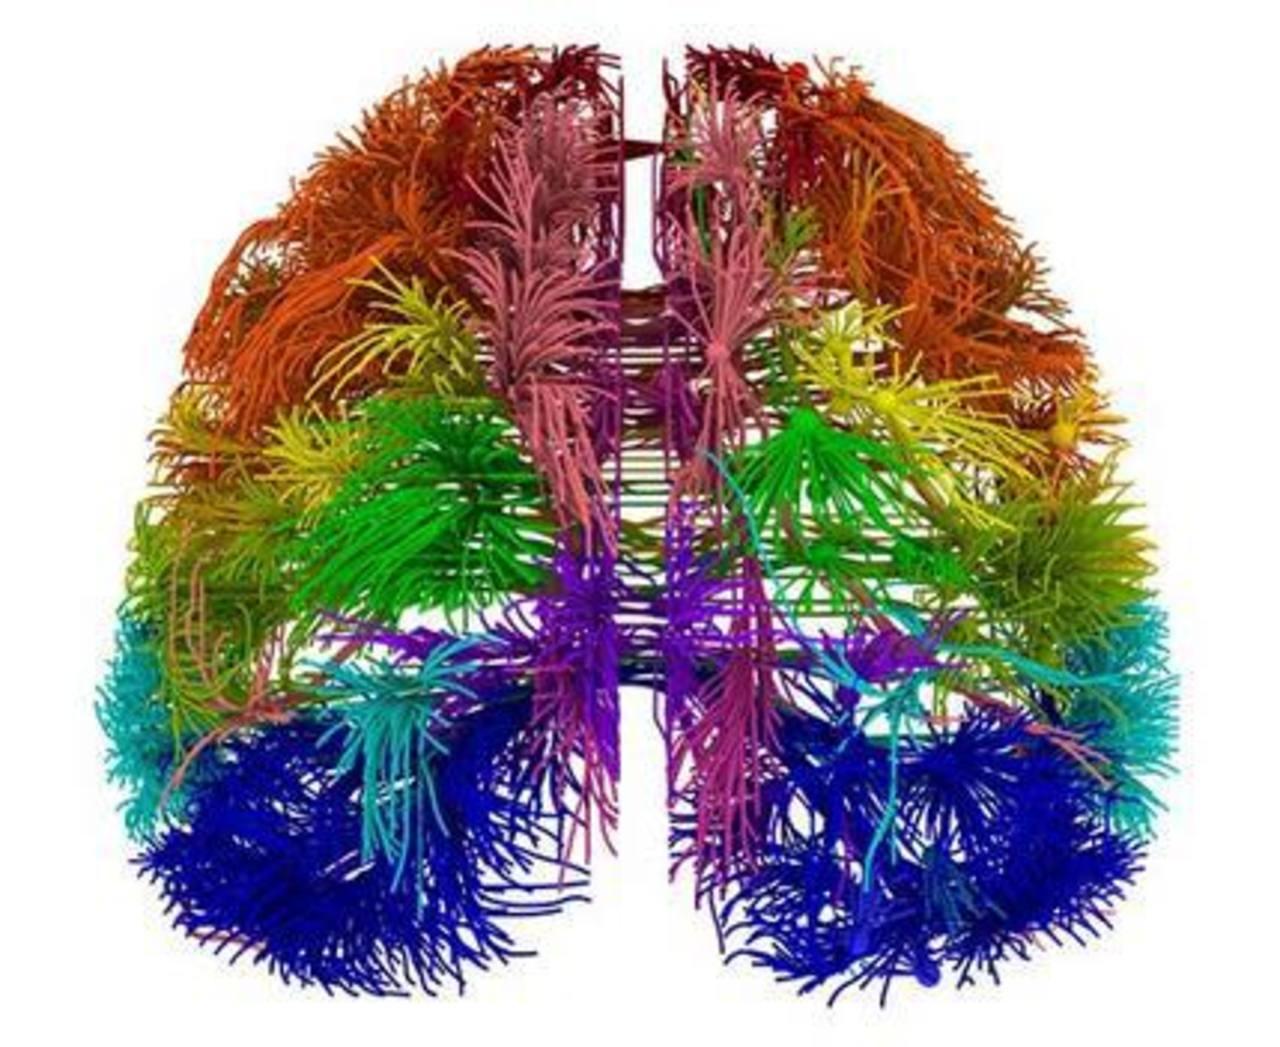 Conexiones de diferentes áreas corticales del cerebro del ratón. foto edh/ ap